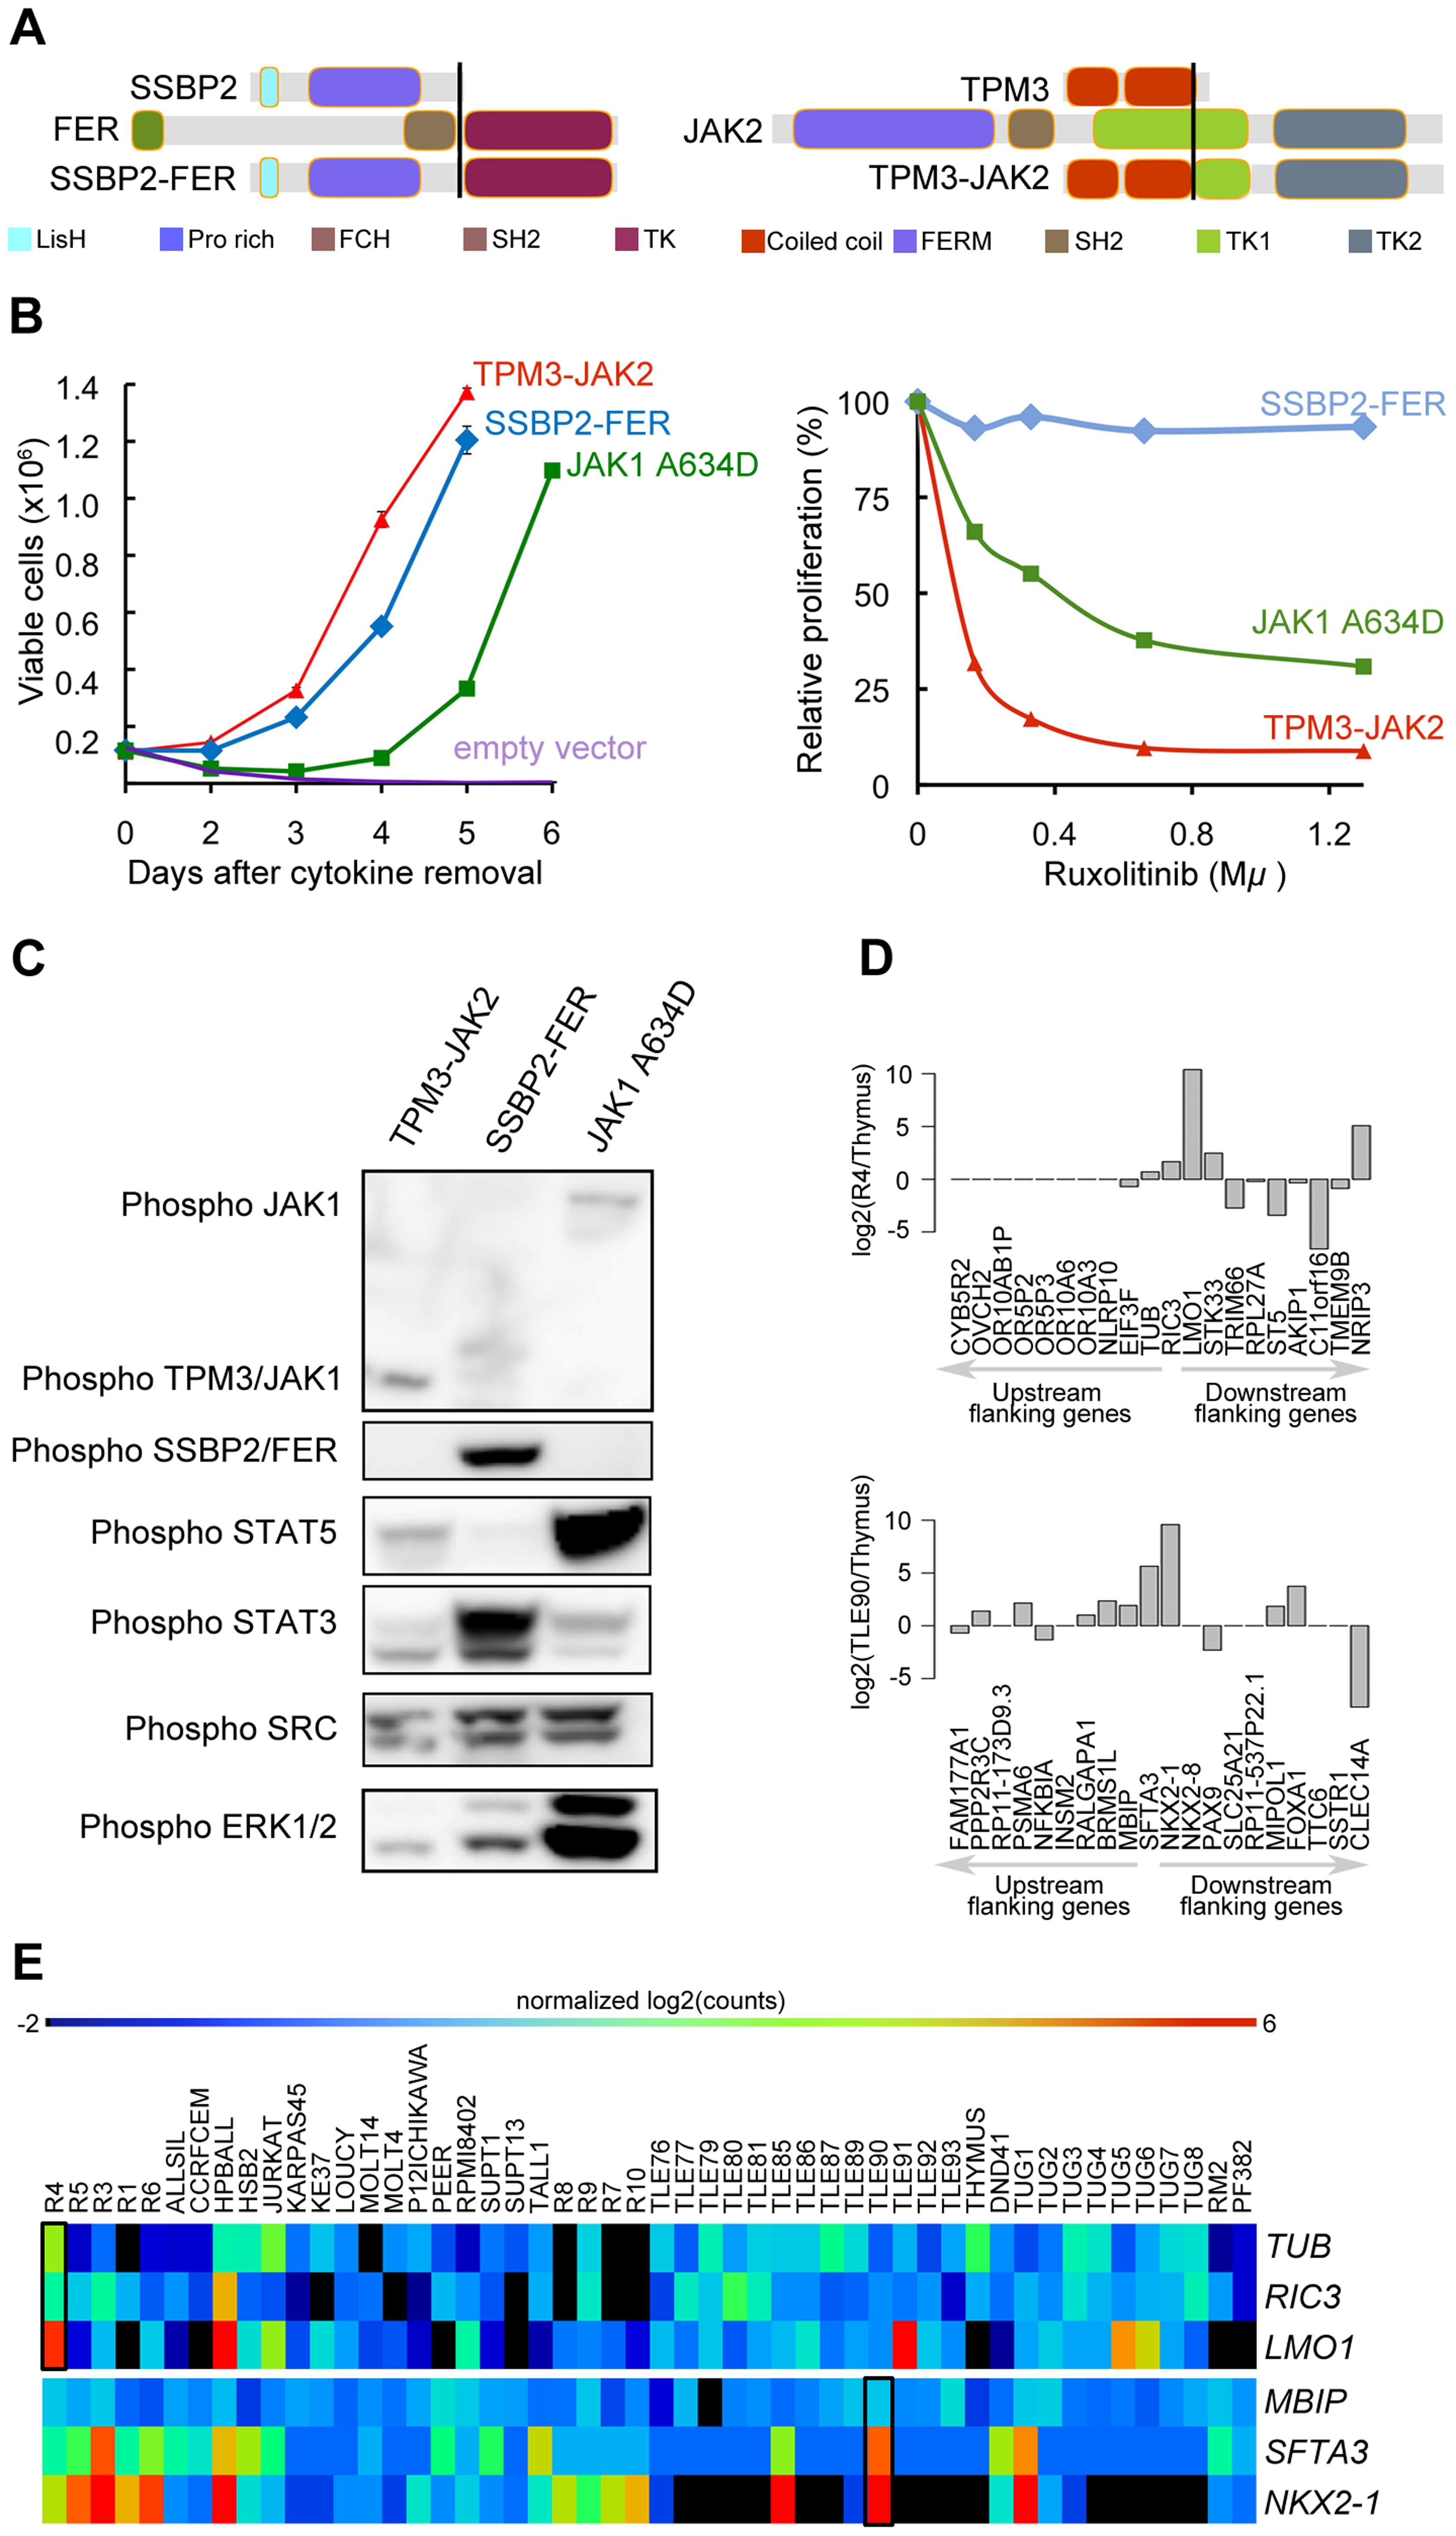 <i>SSBP2-FER</i> and <i>TPM3-JAK2</i> fusions transform lymphoid cells and show constitutive activity.